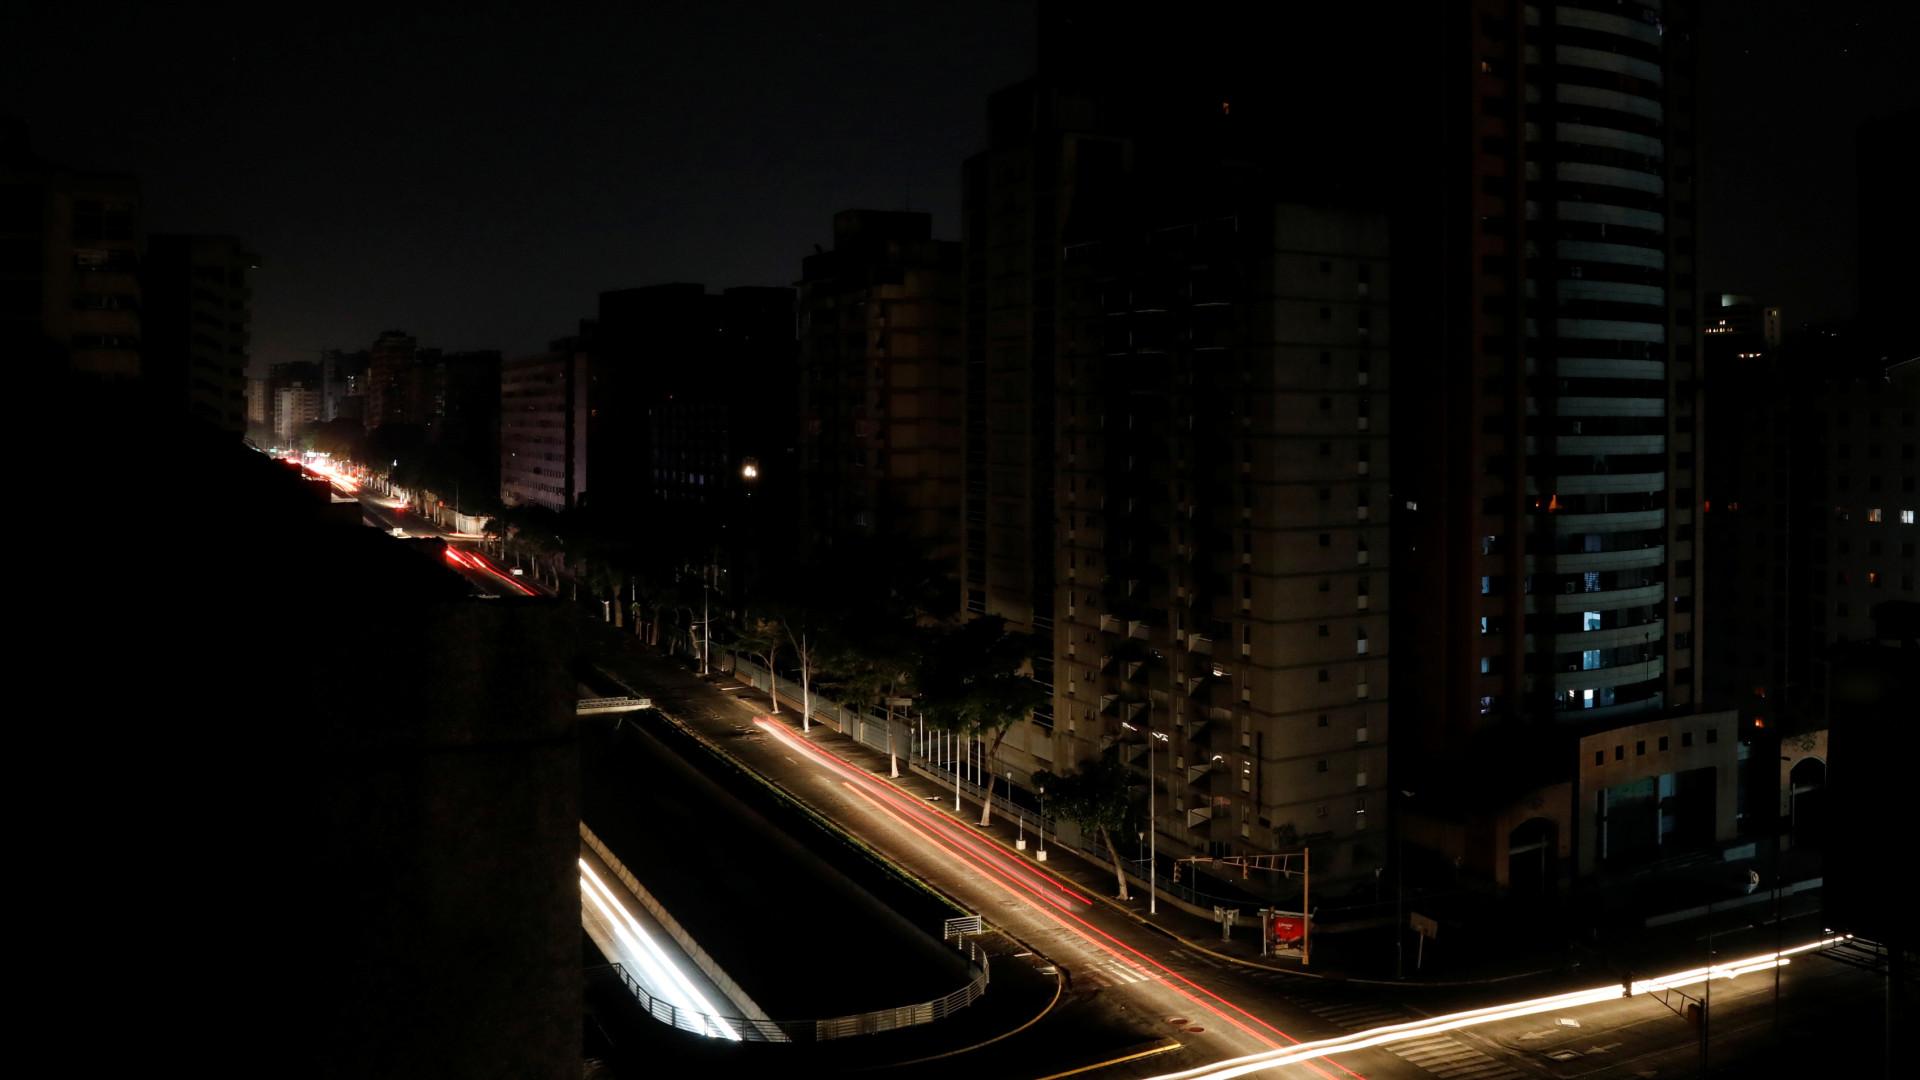 ONS descarta relação de apagões de sábado no RJ e MG com crise hídrica